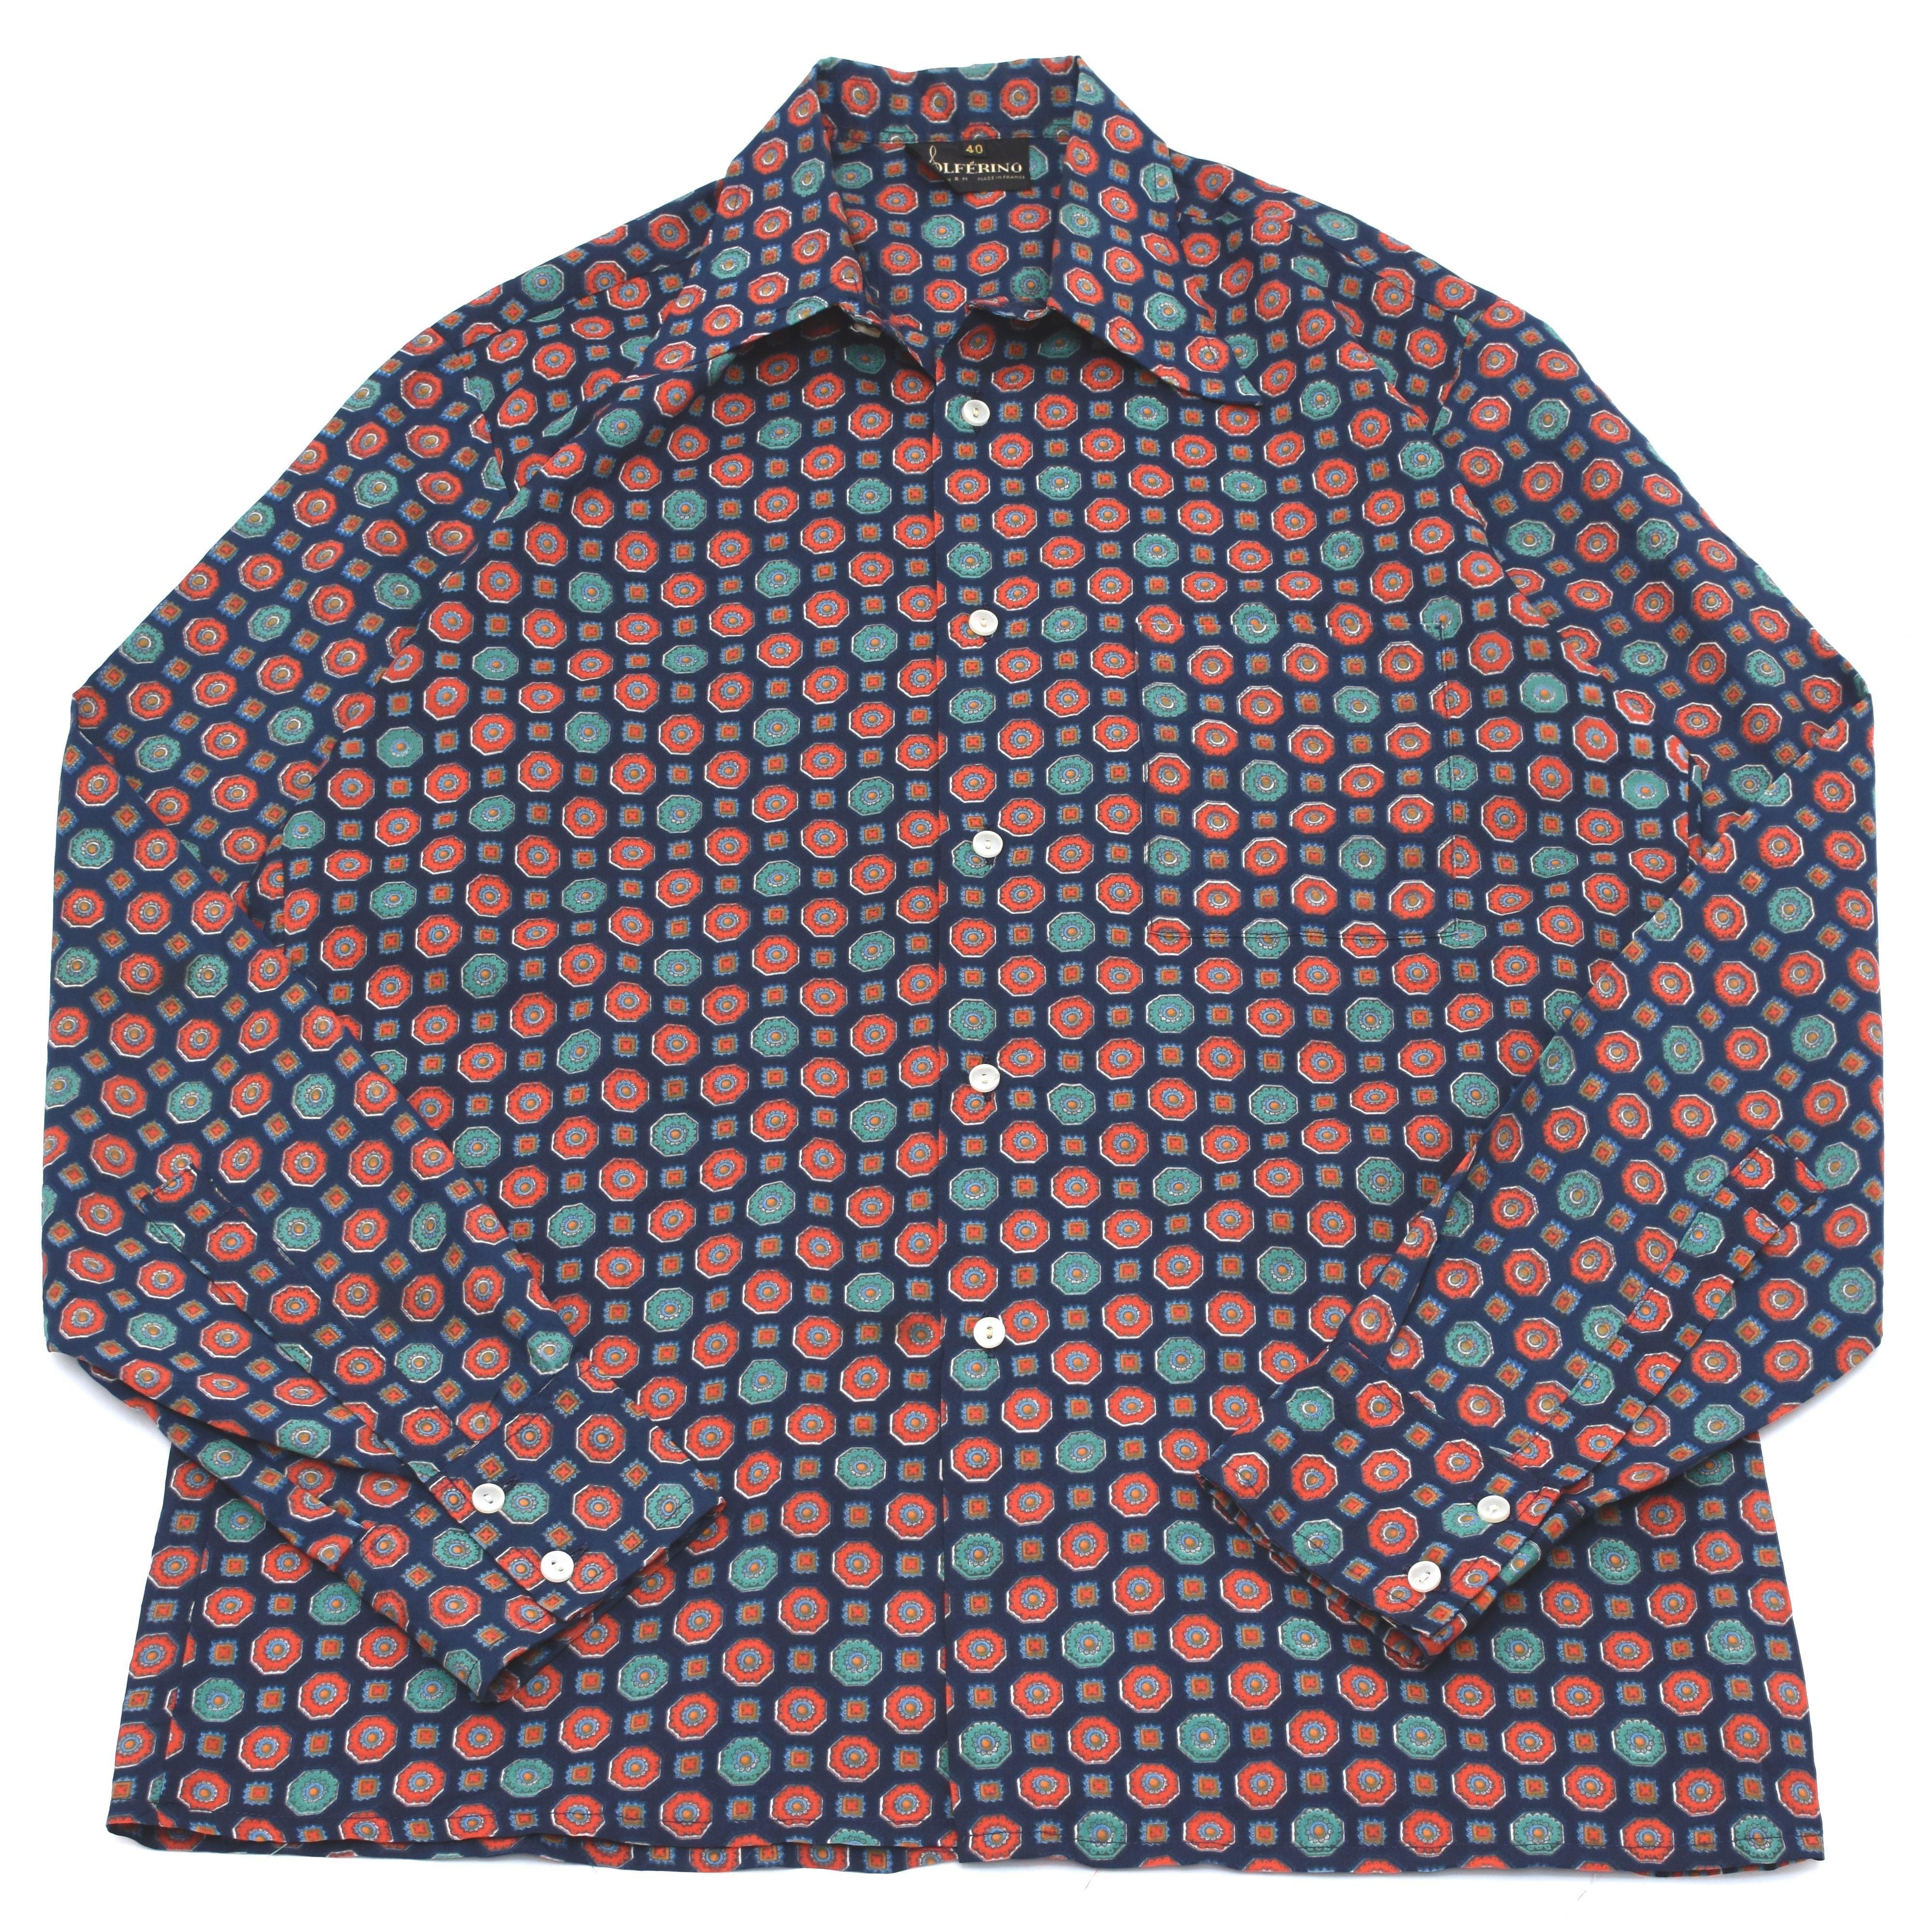 【フランス製】vintage fine pattern シャツ 小紋柄シャツ